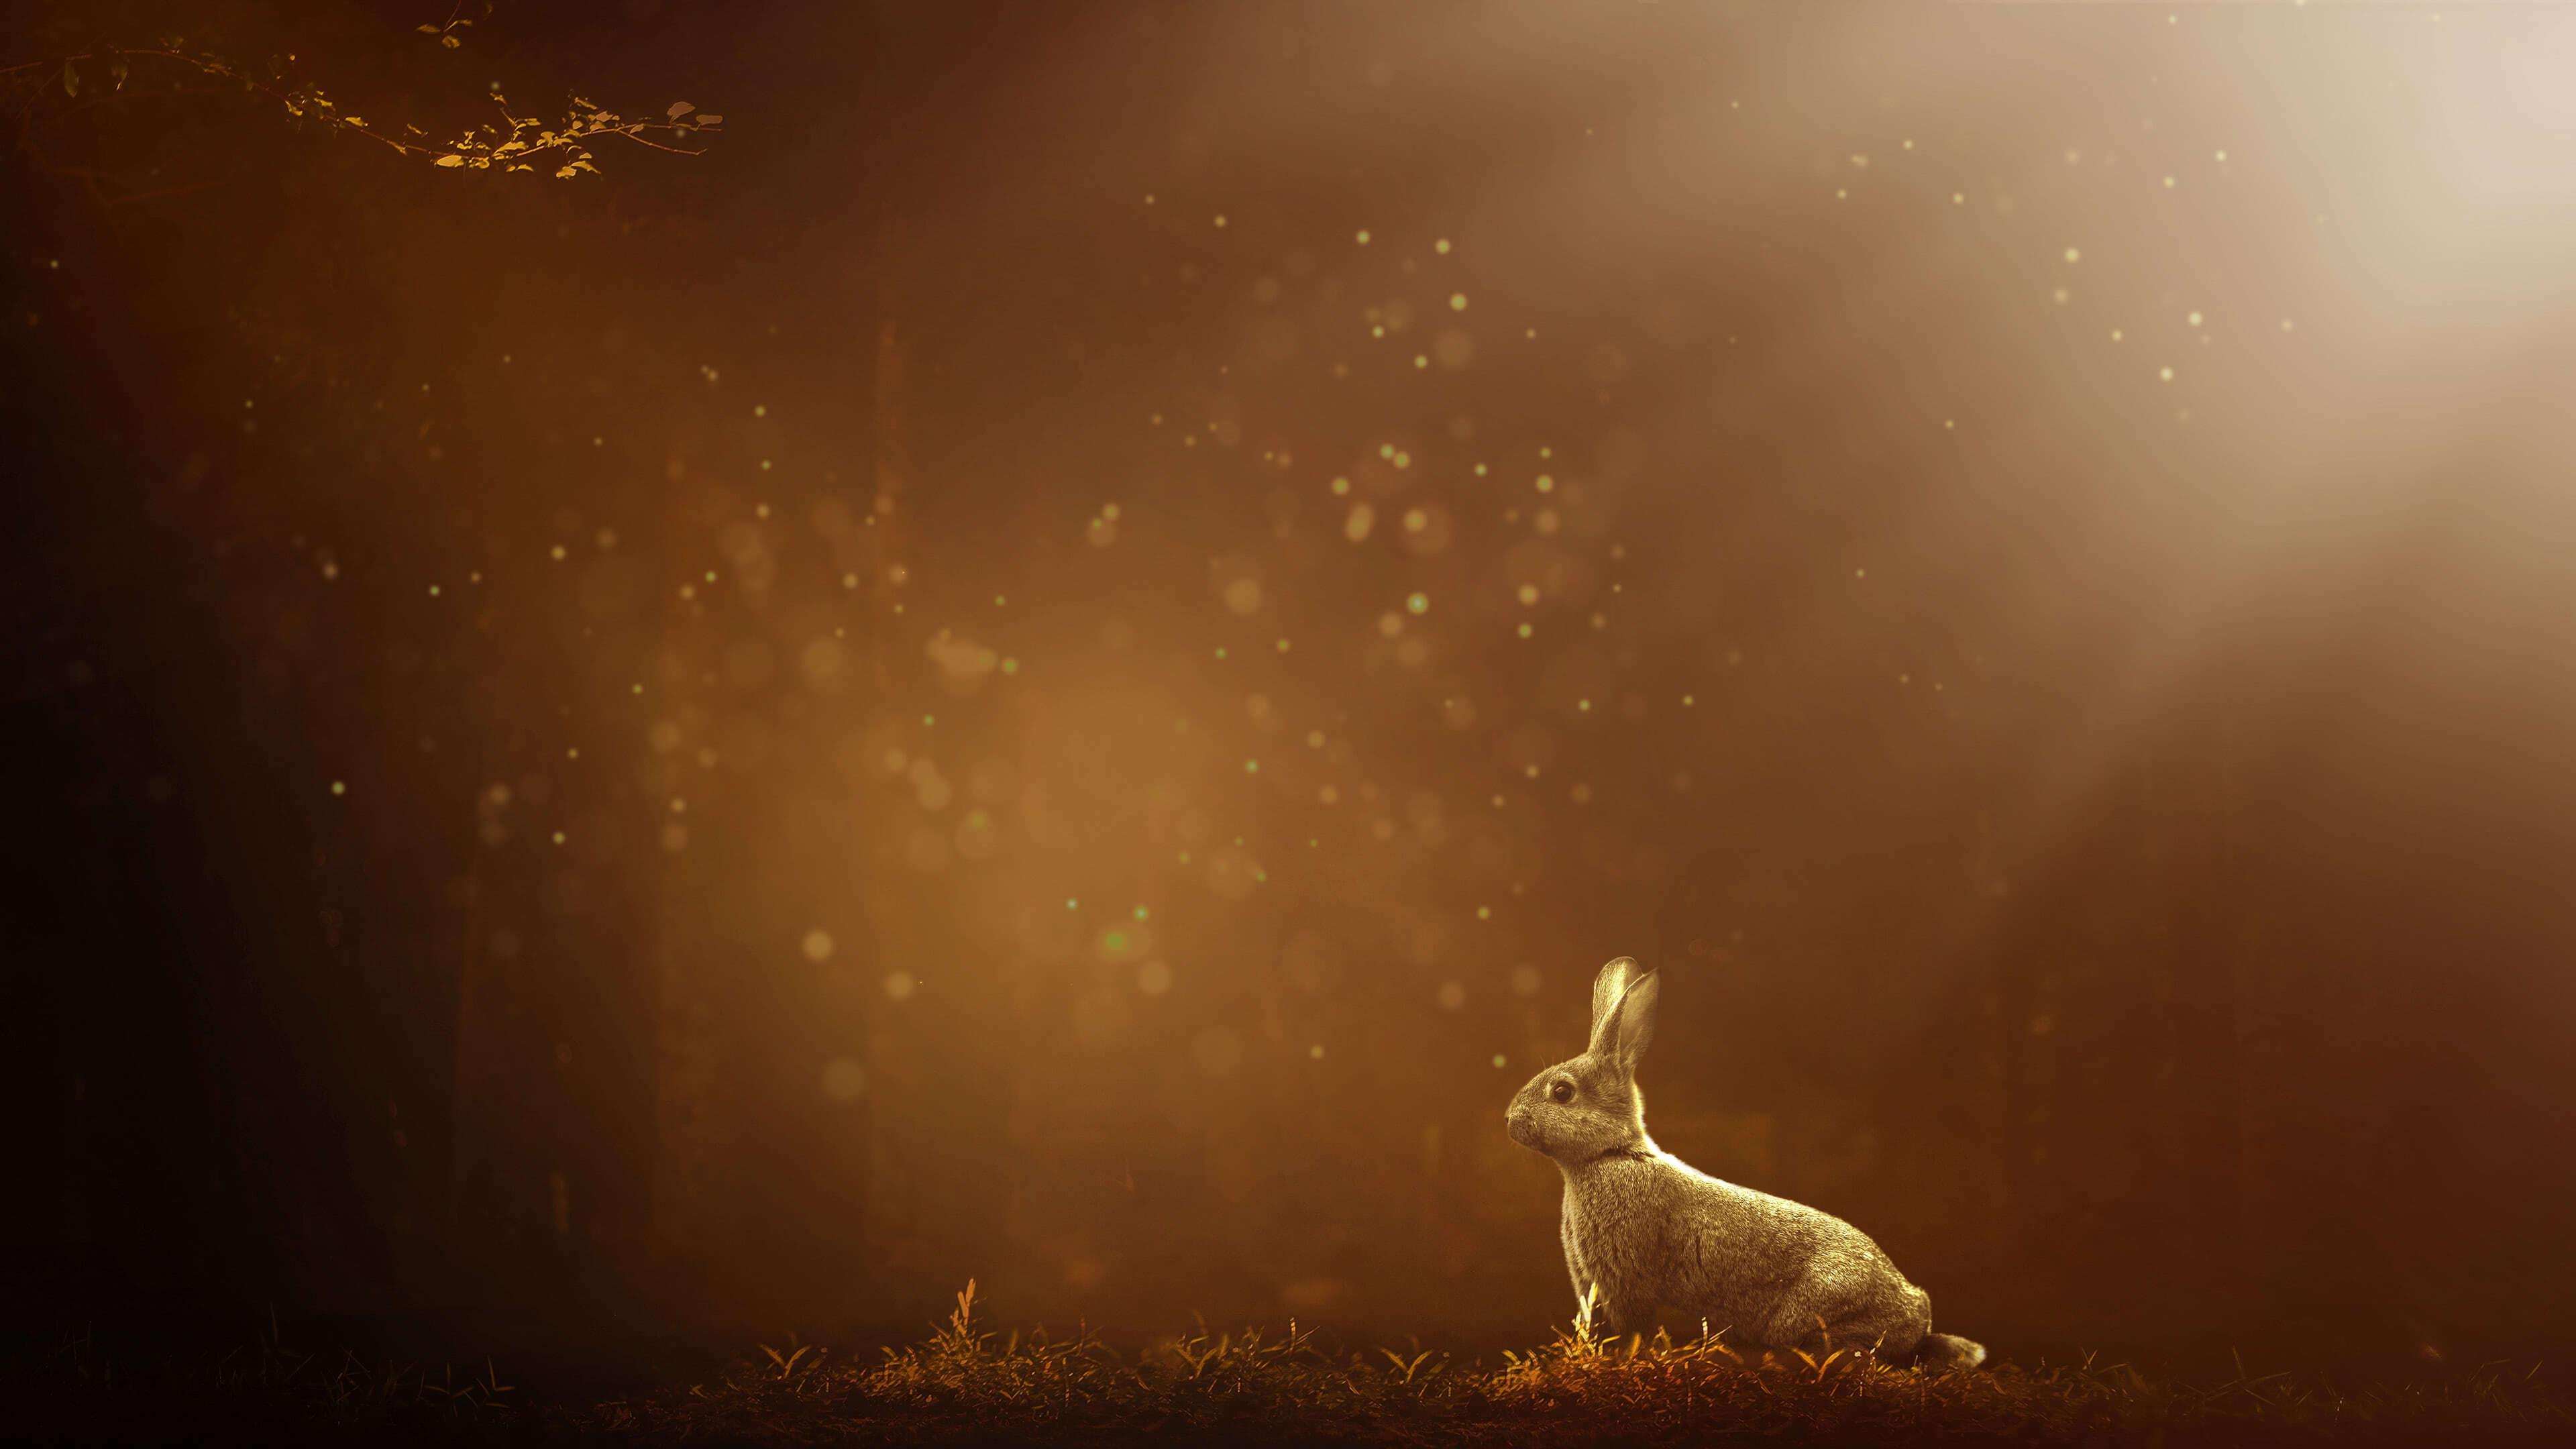 rabbit uhd 4k wallpaper